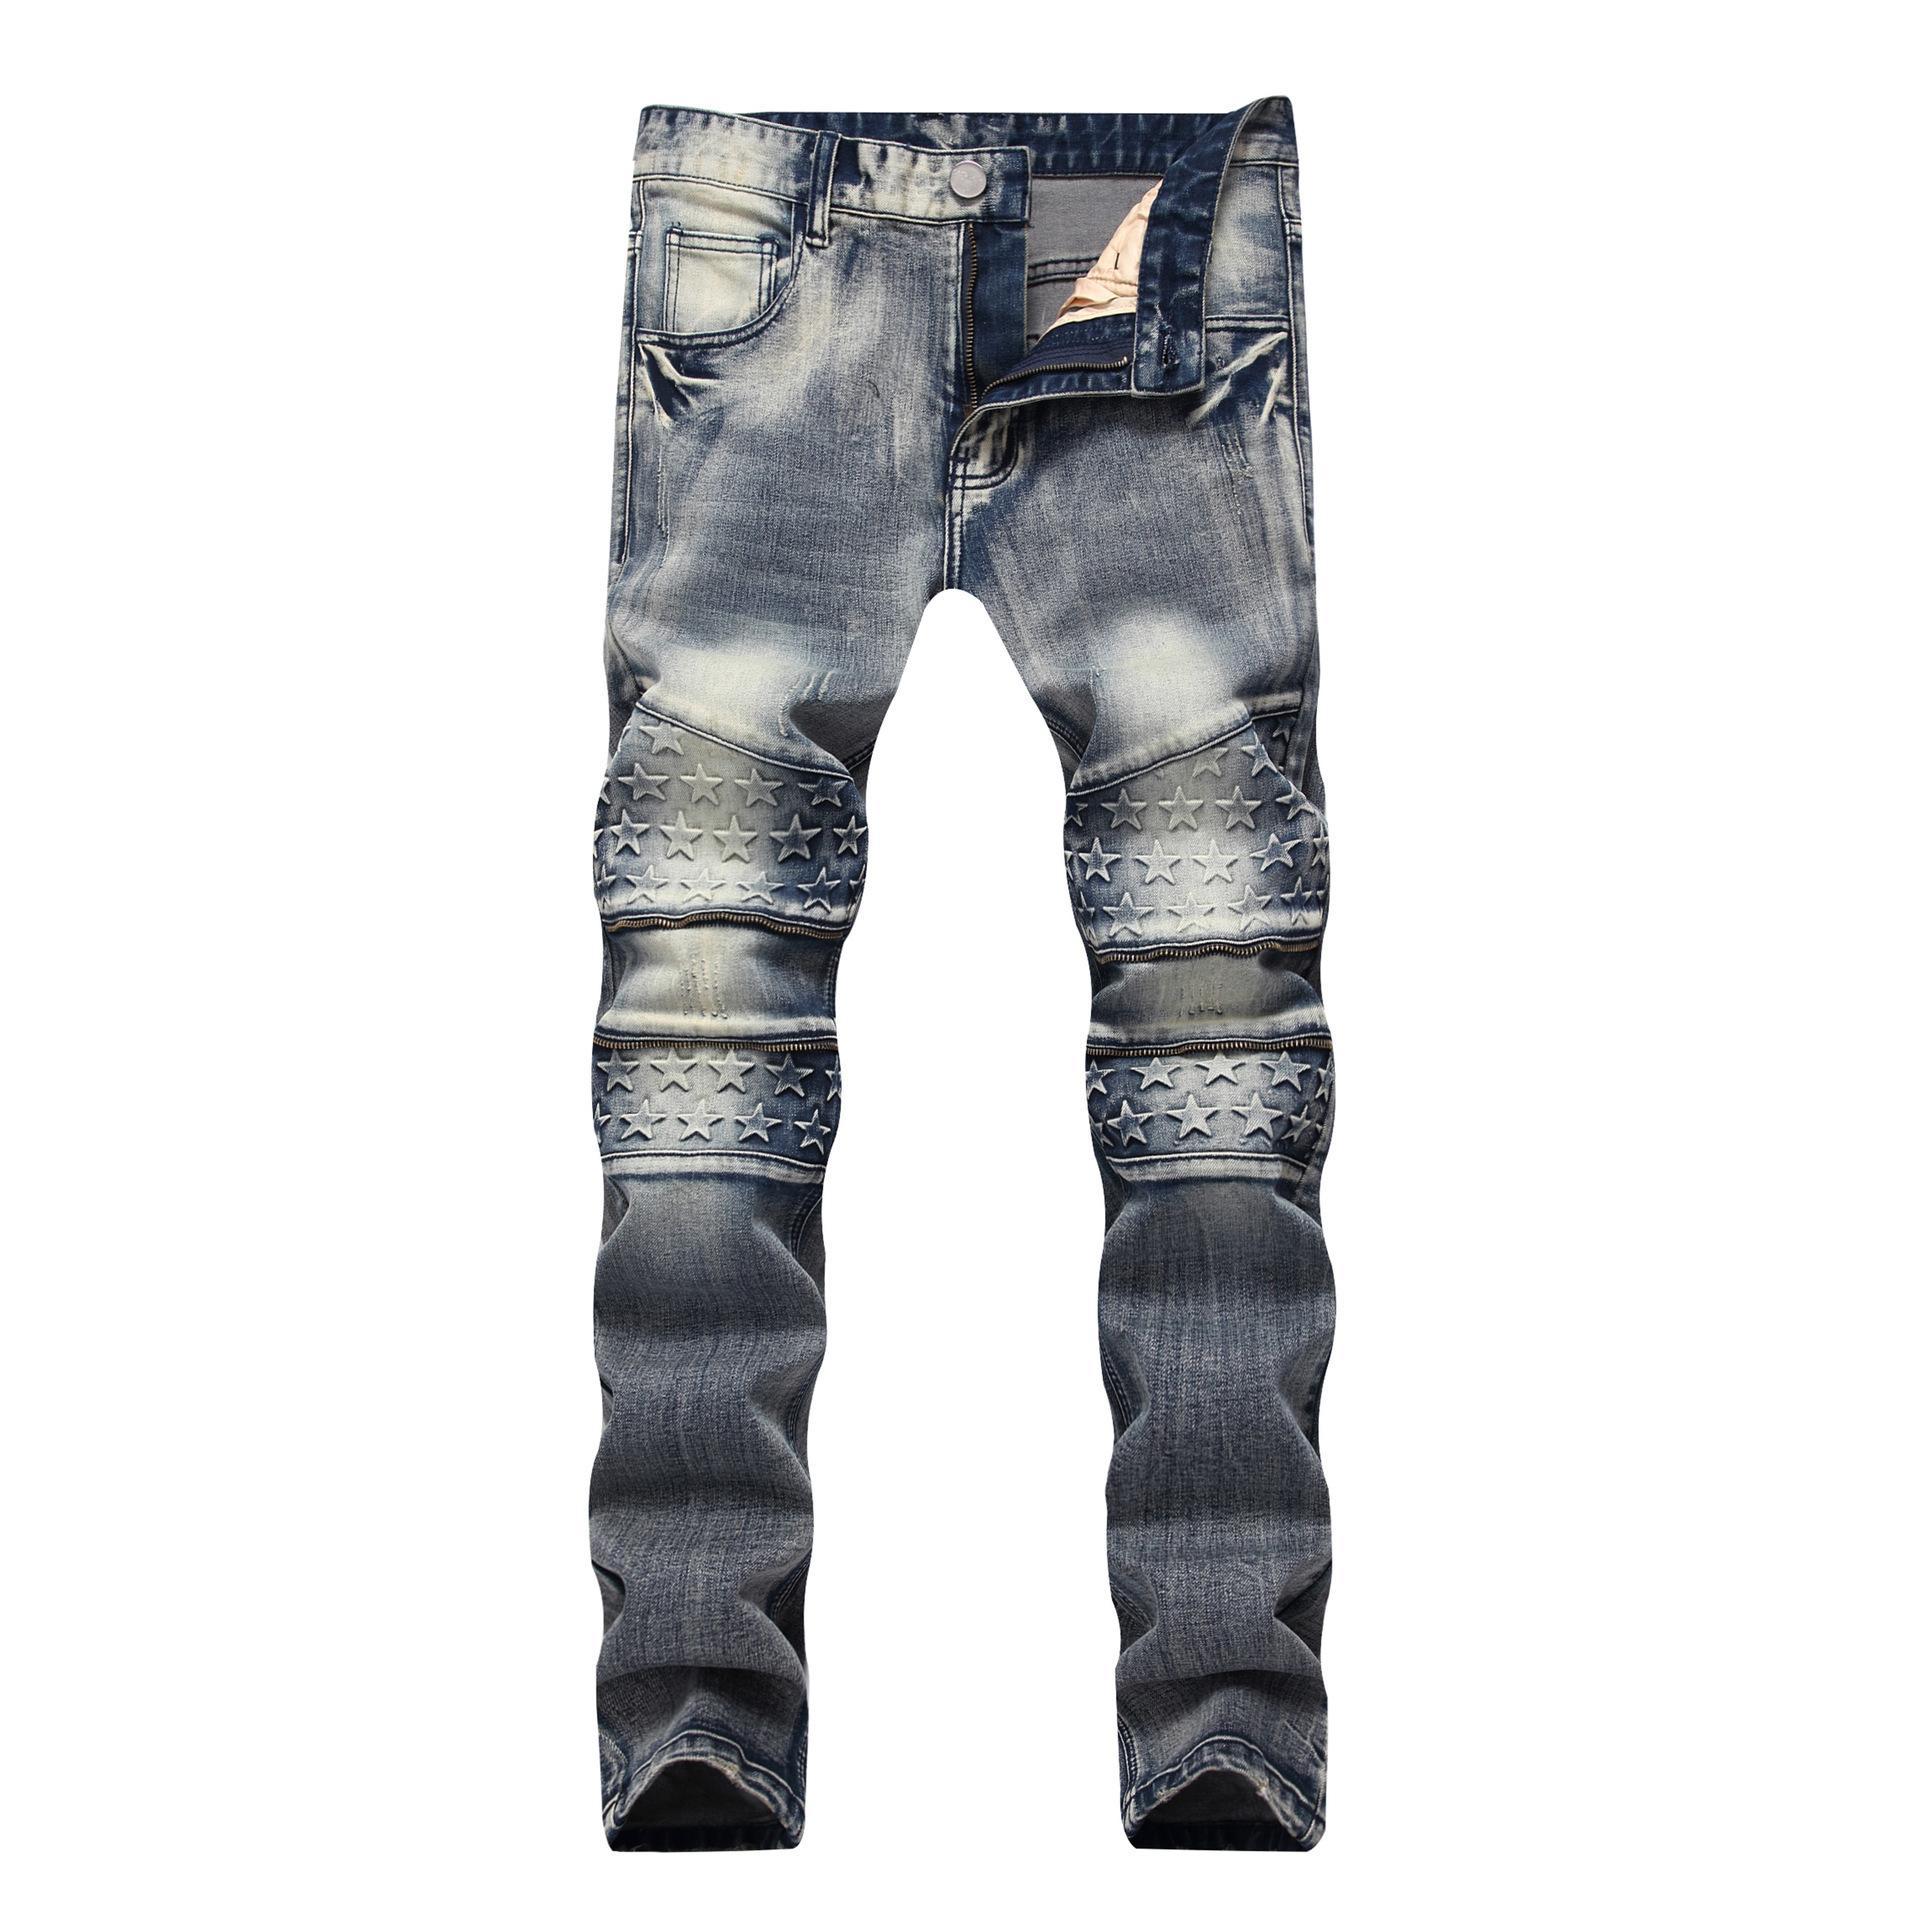 Herren Designer-Jeans Reißverschluss elastische gerade dünne Größe Denimhose Dekoration